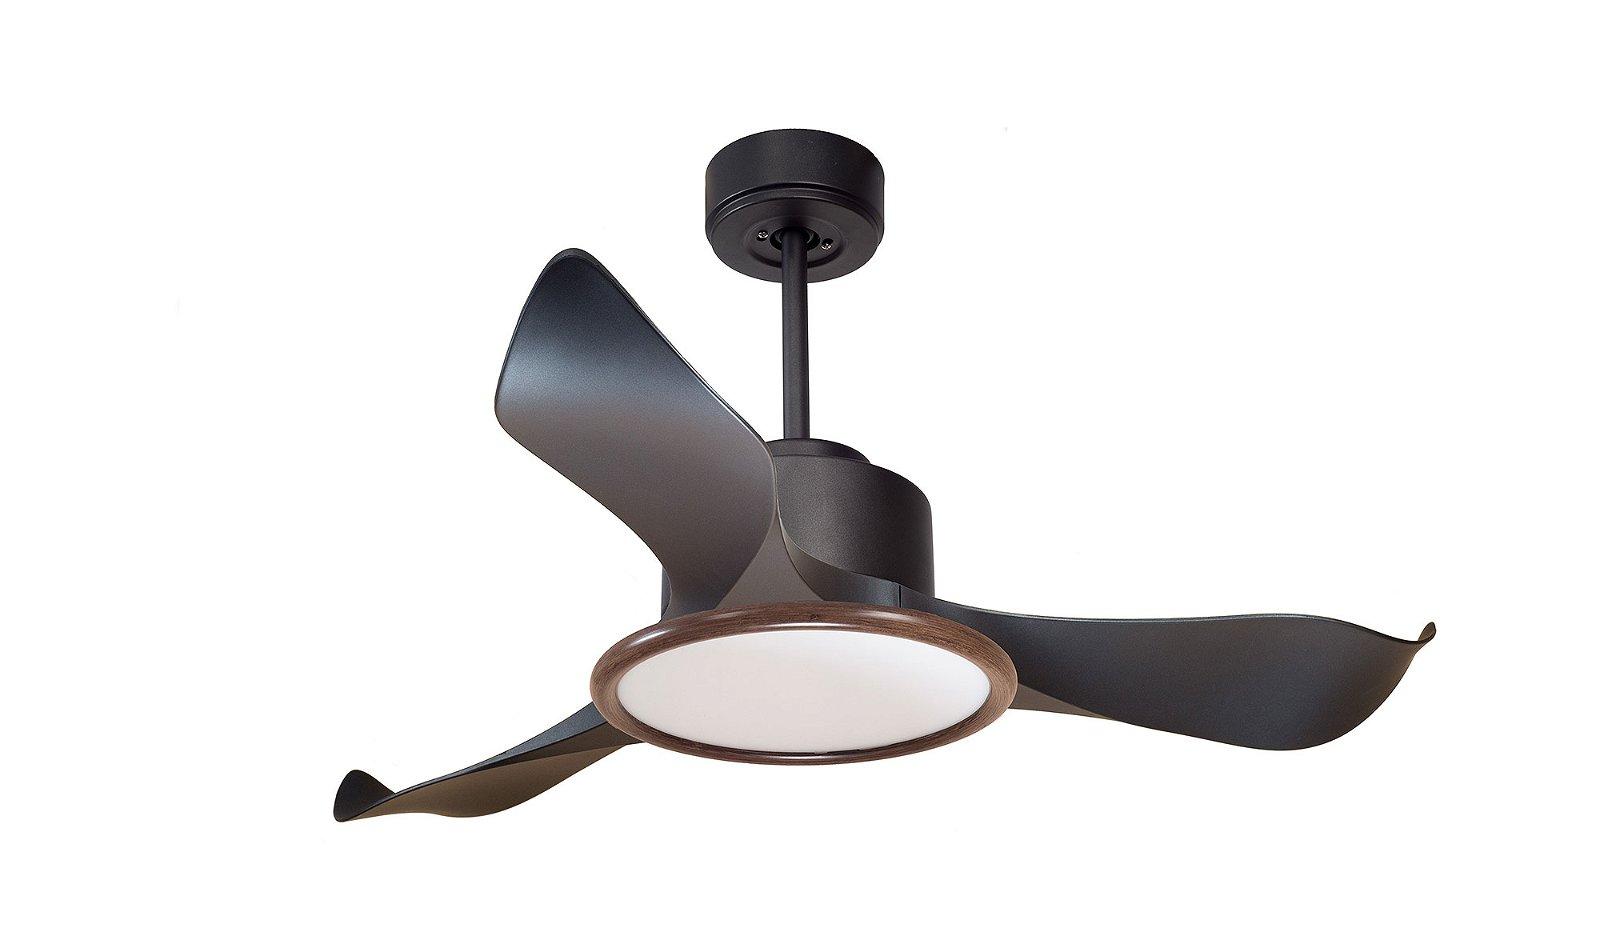 Ventilador Obi 3 aspas con luz